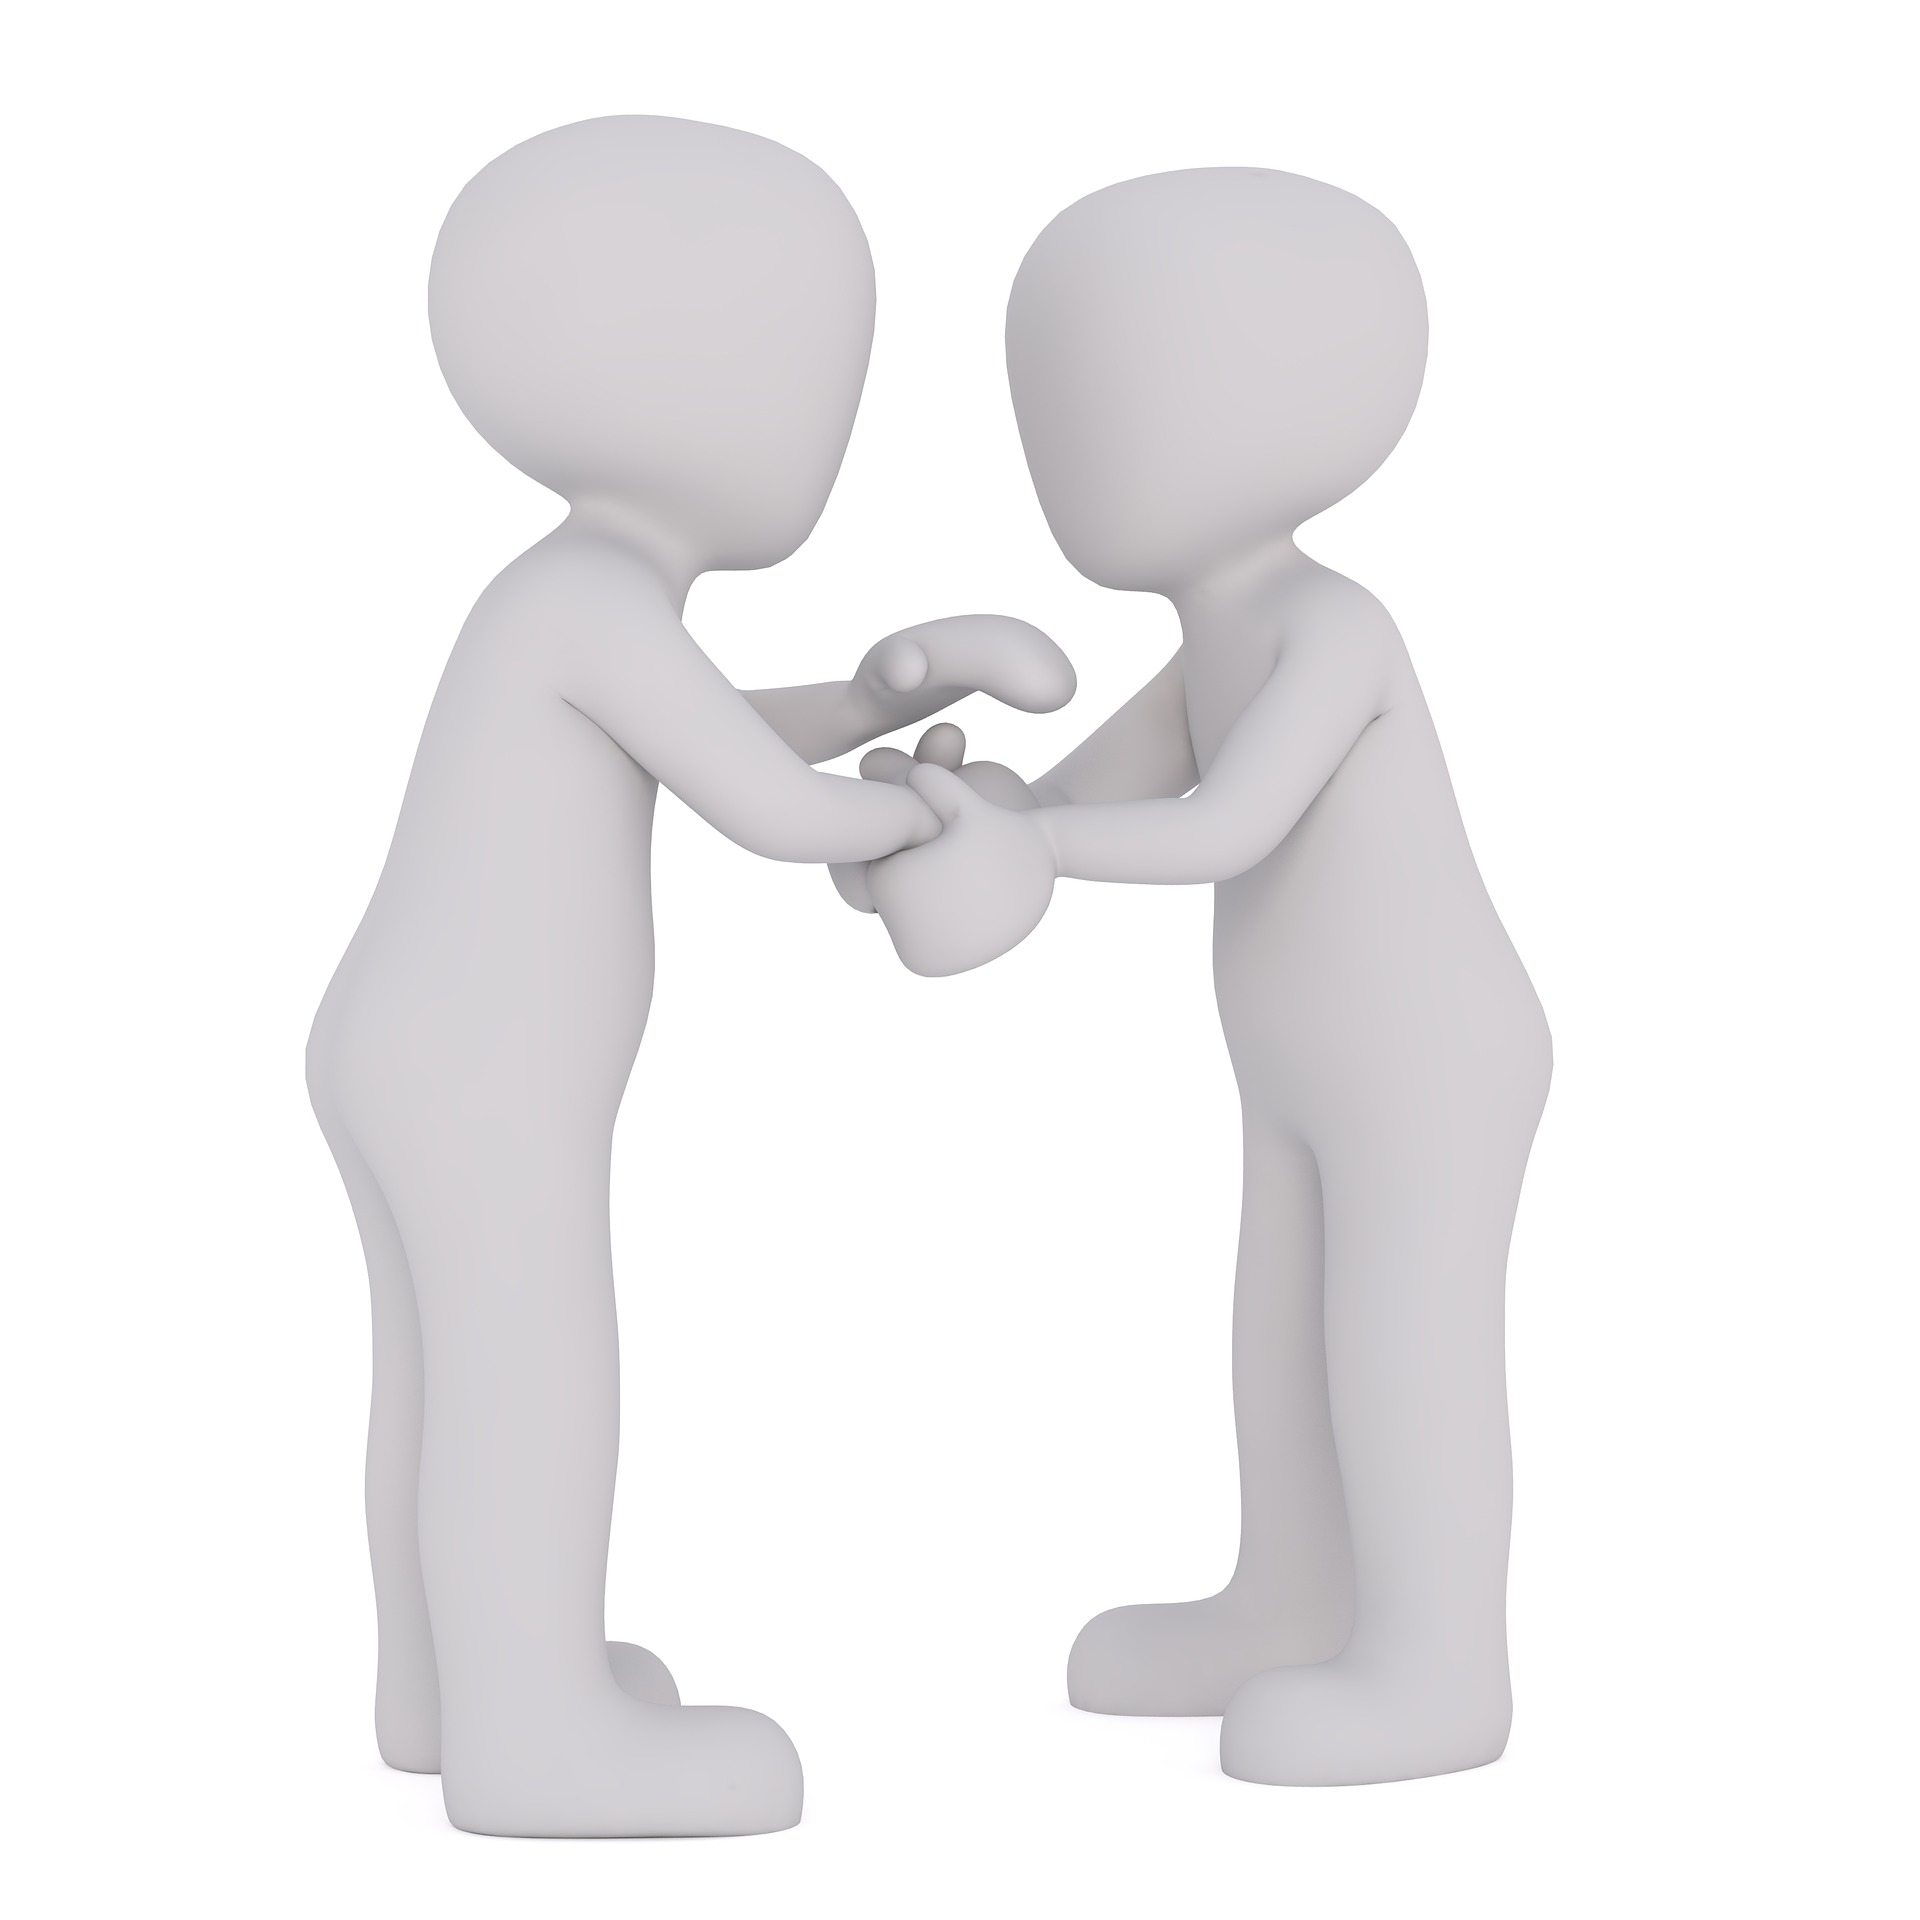 小額借款案例-透過4497小額借款解決車禍賠償問題|4497小額借款